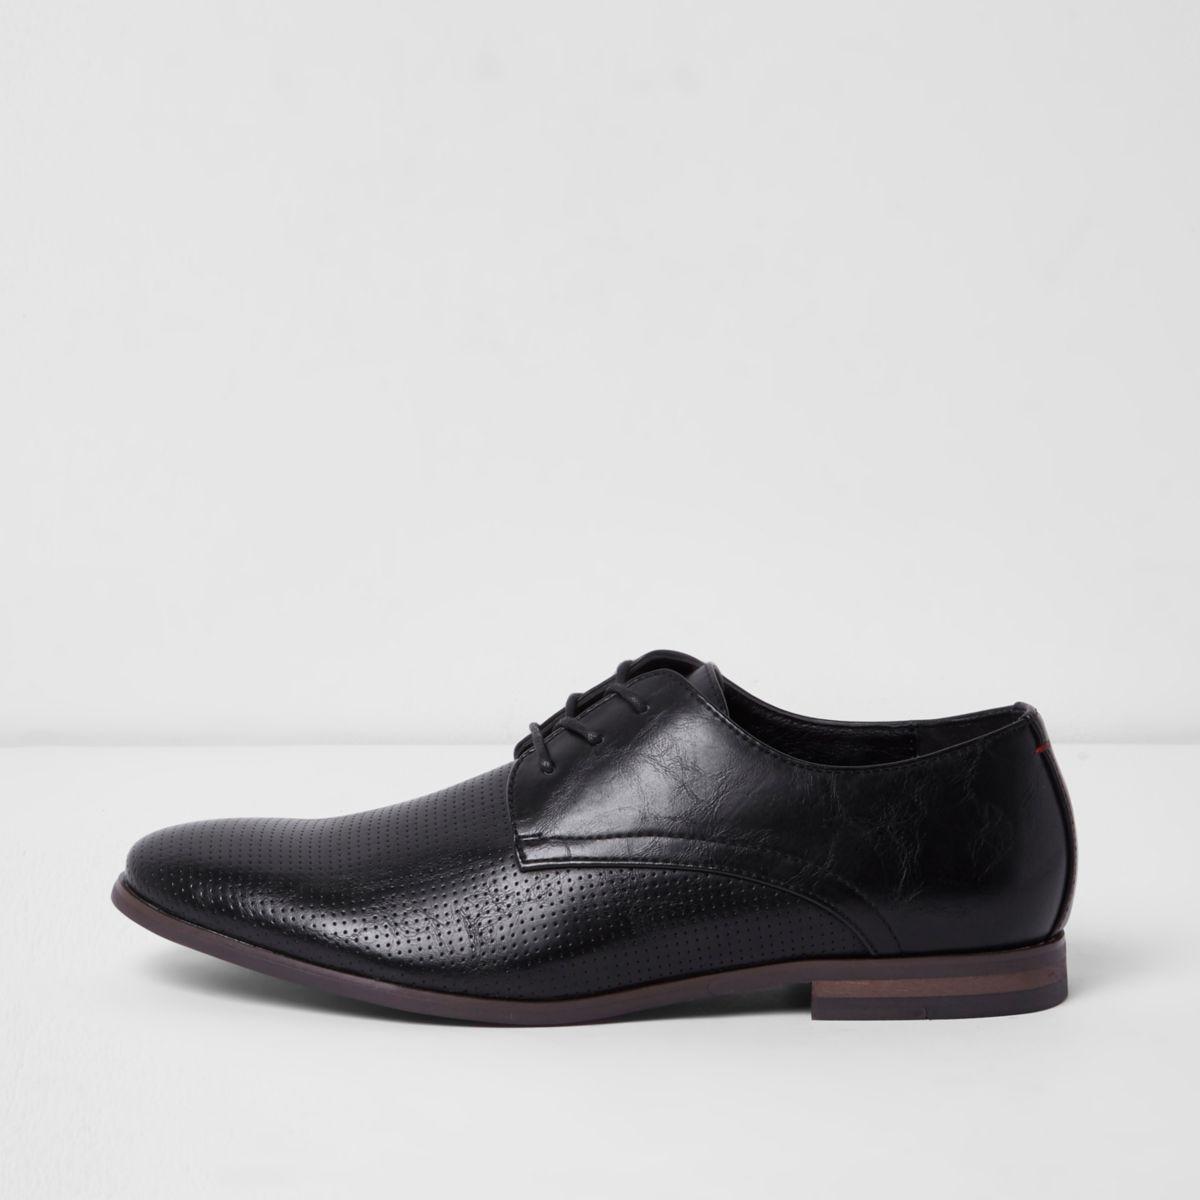 Schwarze Schnürschuhe mit perforiertem Einsatz